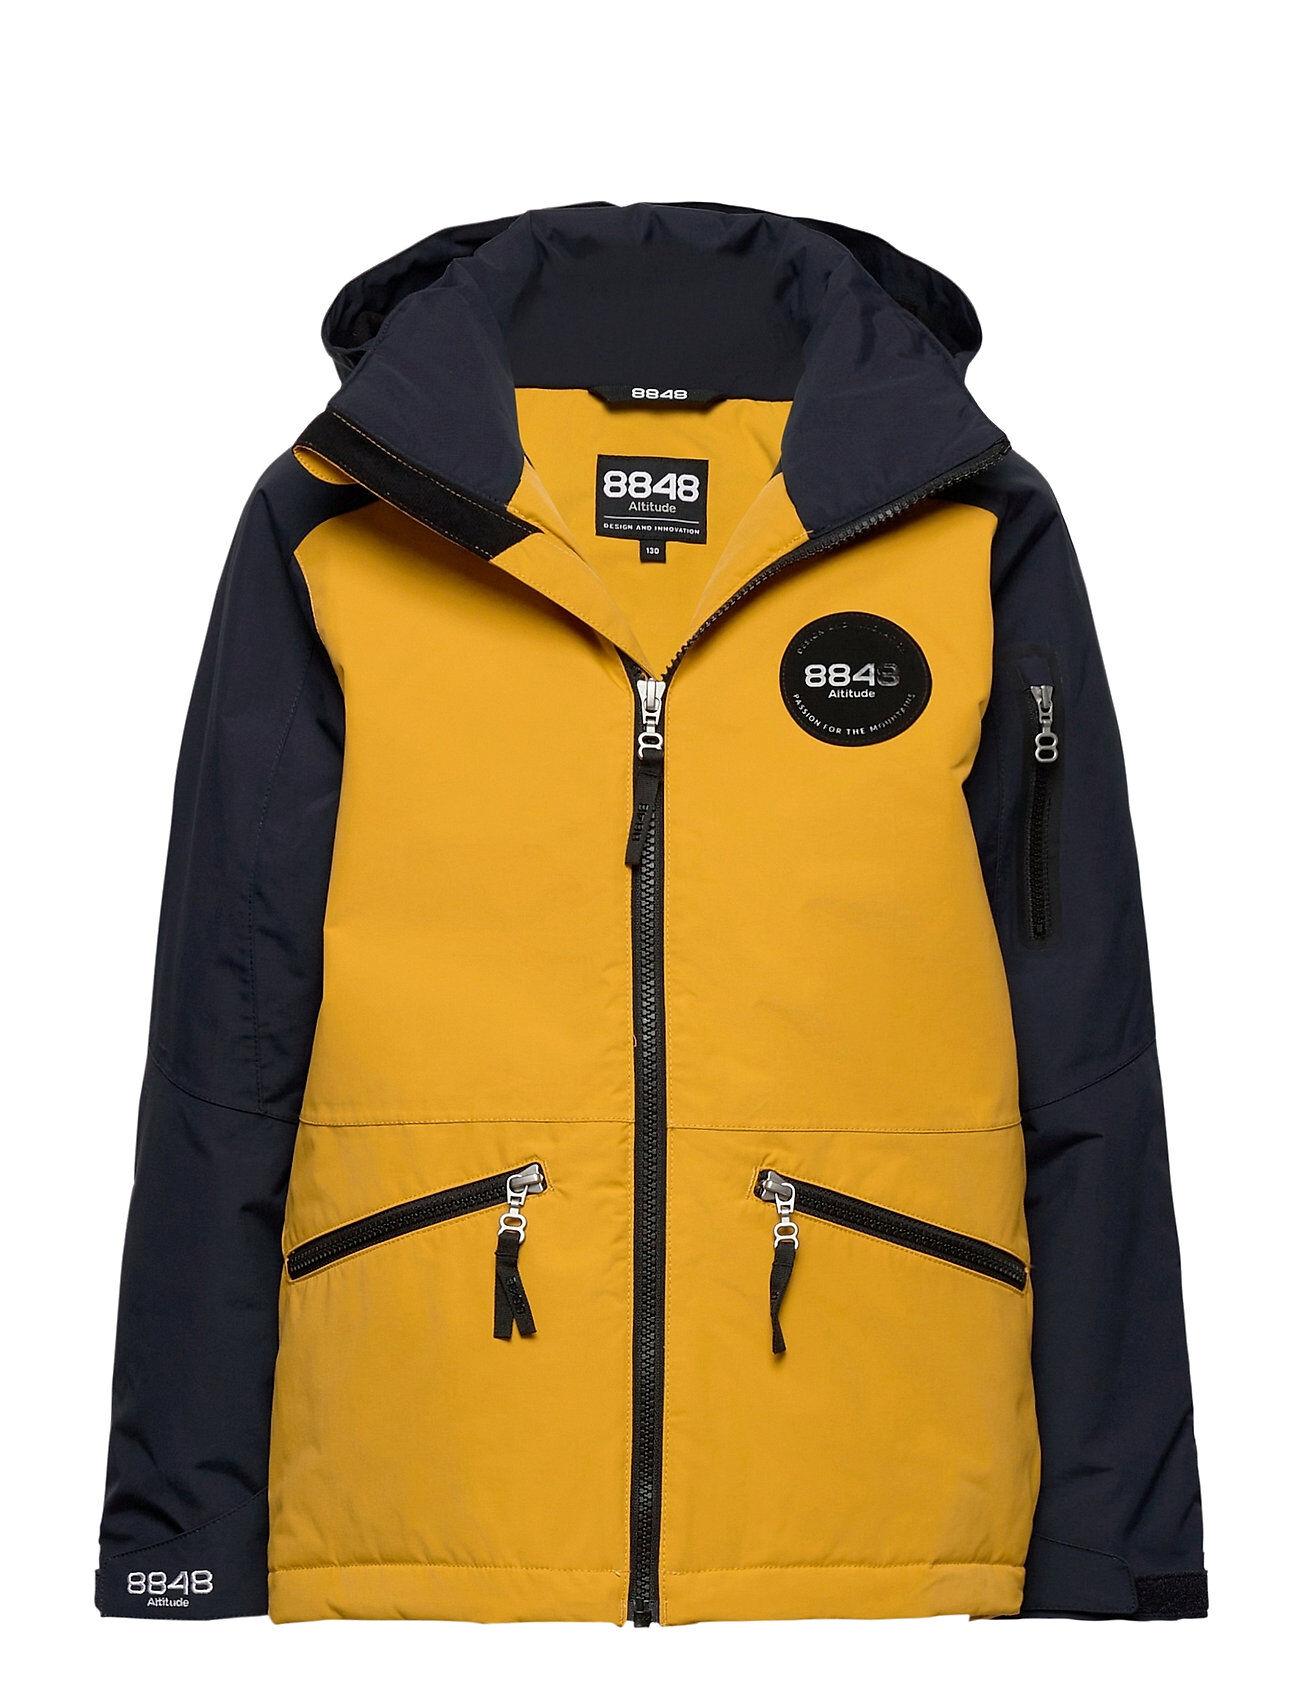 8848 Altitude Ashton Jr Jacket Outerwear Snow/ski Clothing Snow/ski Jacket Keltainen 8848 Altitude